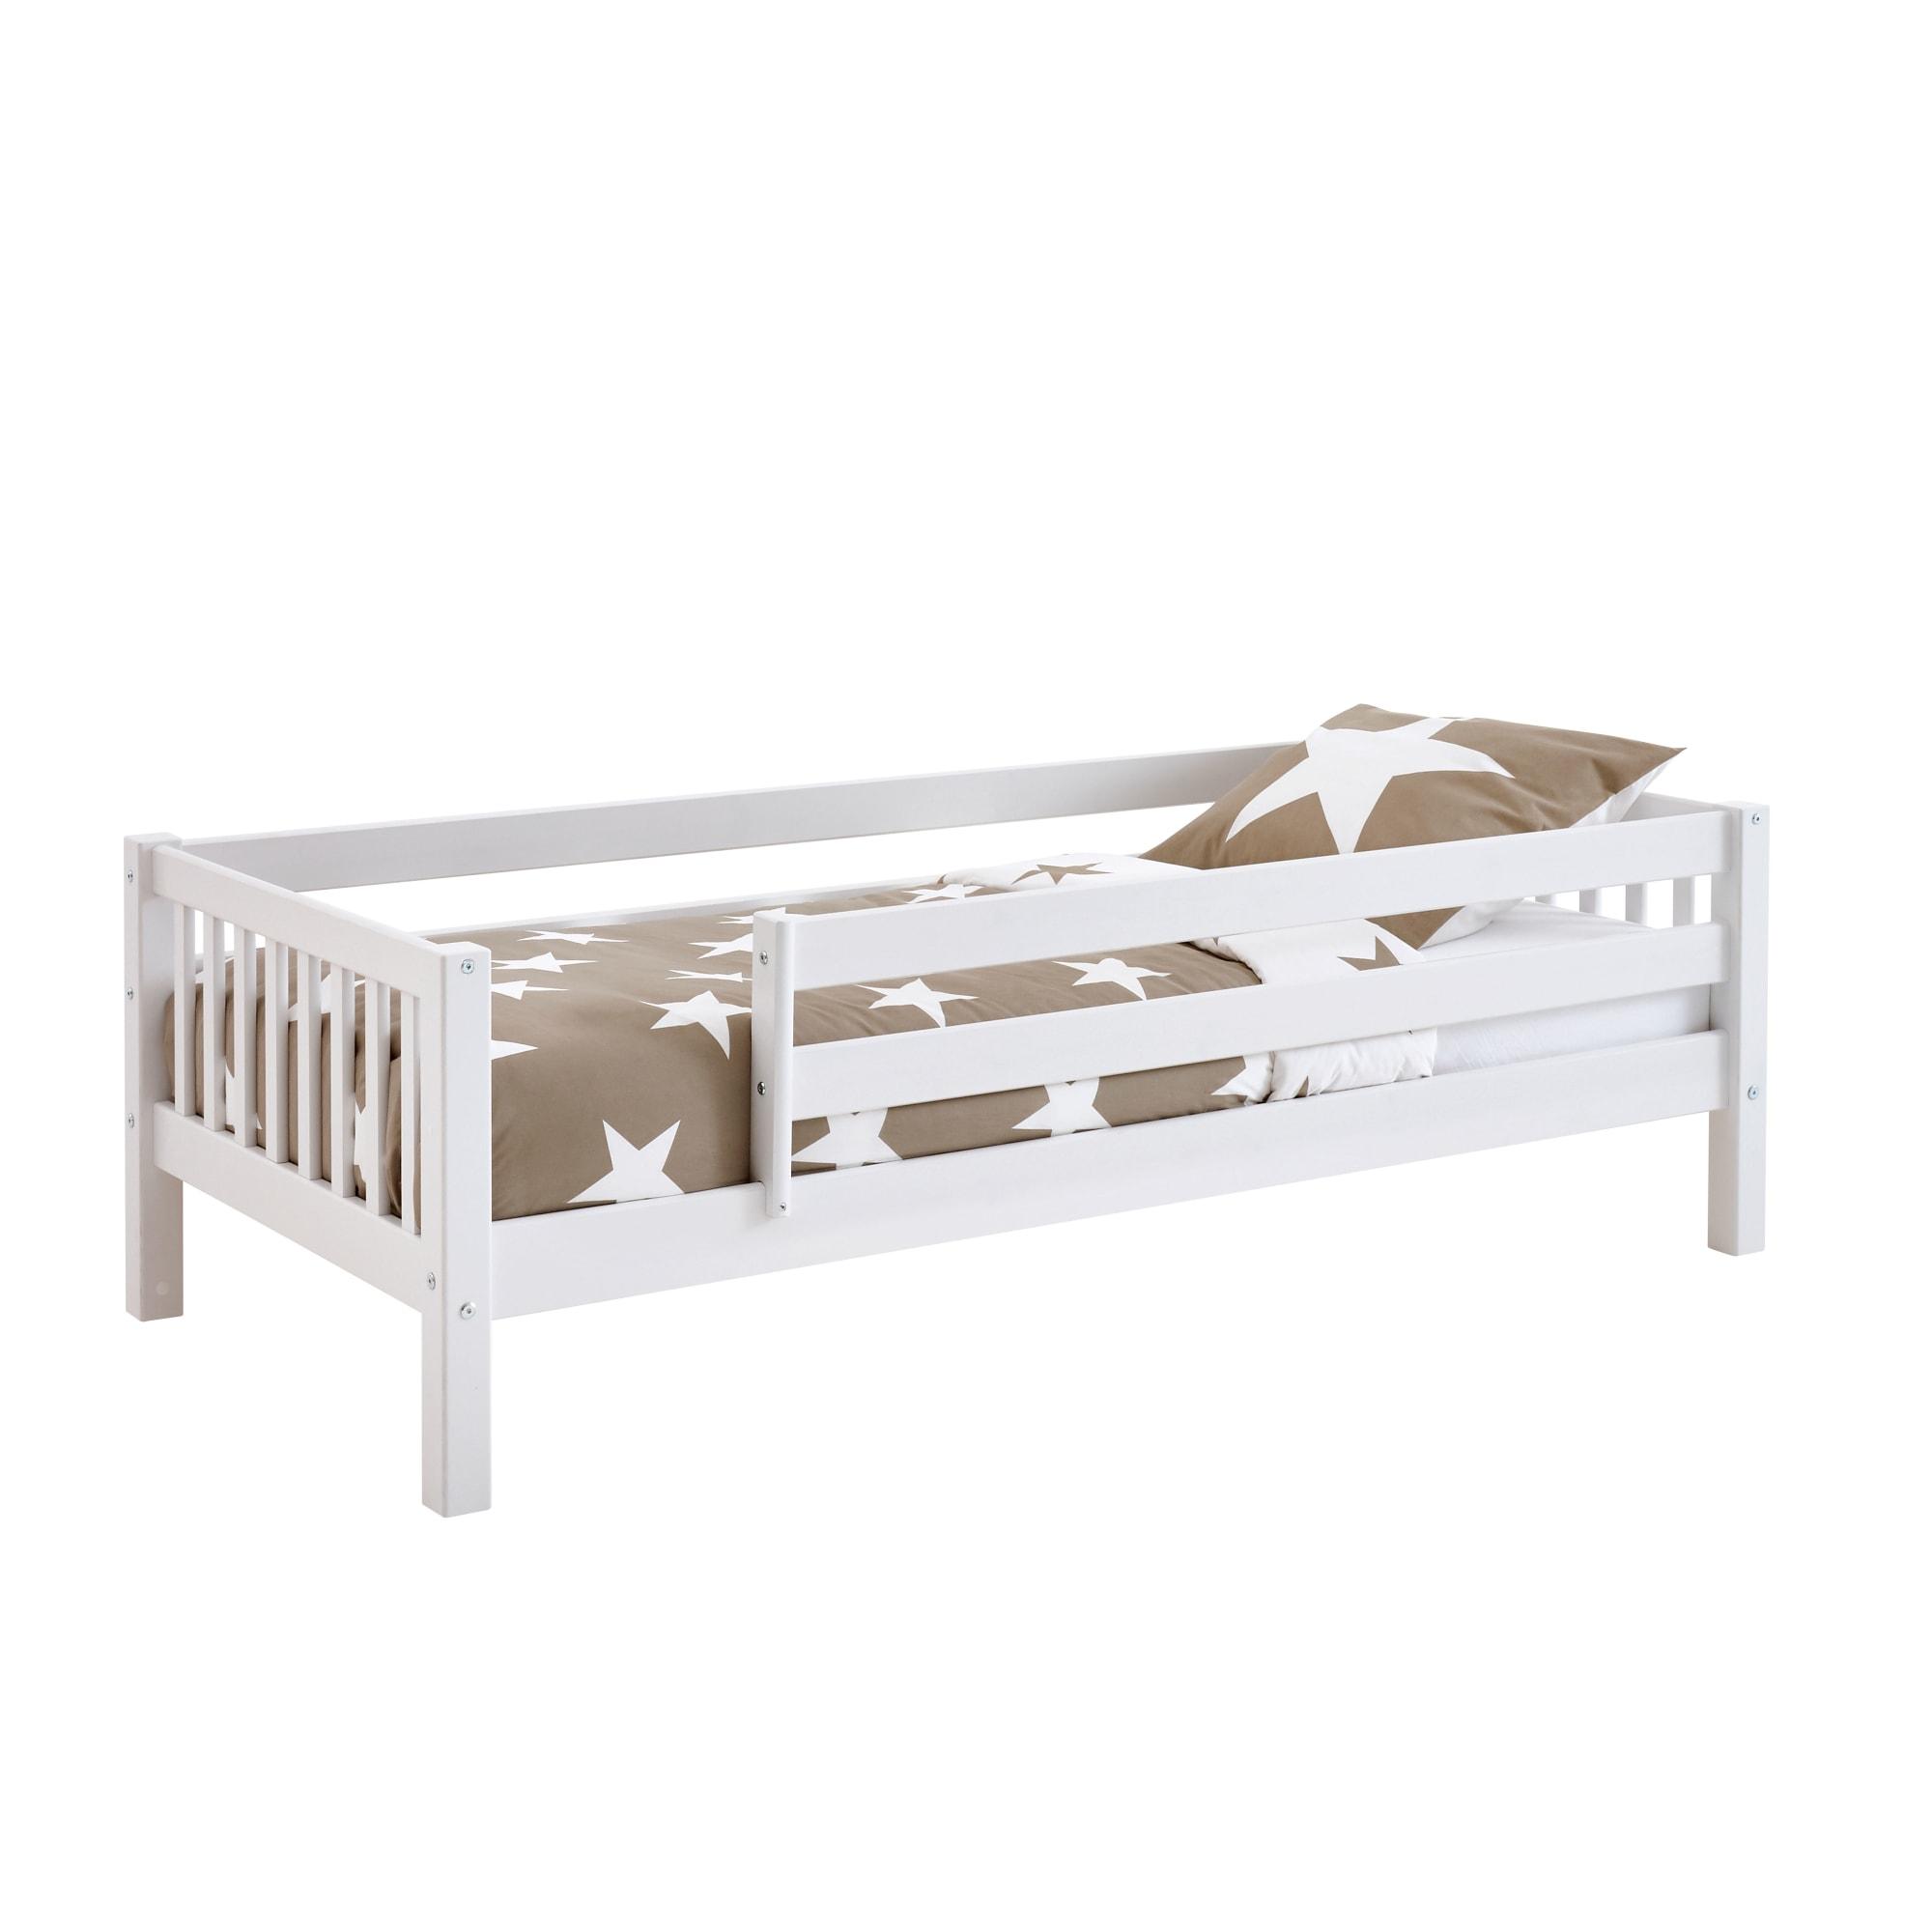 90 x 200 cm - Med sengehest på begge sider og sprossede gavle